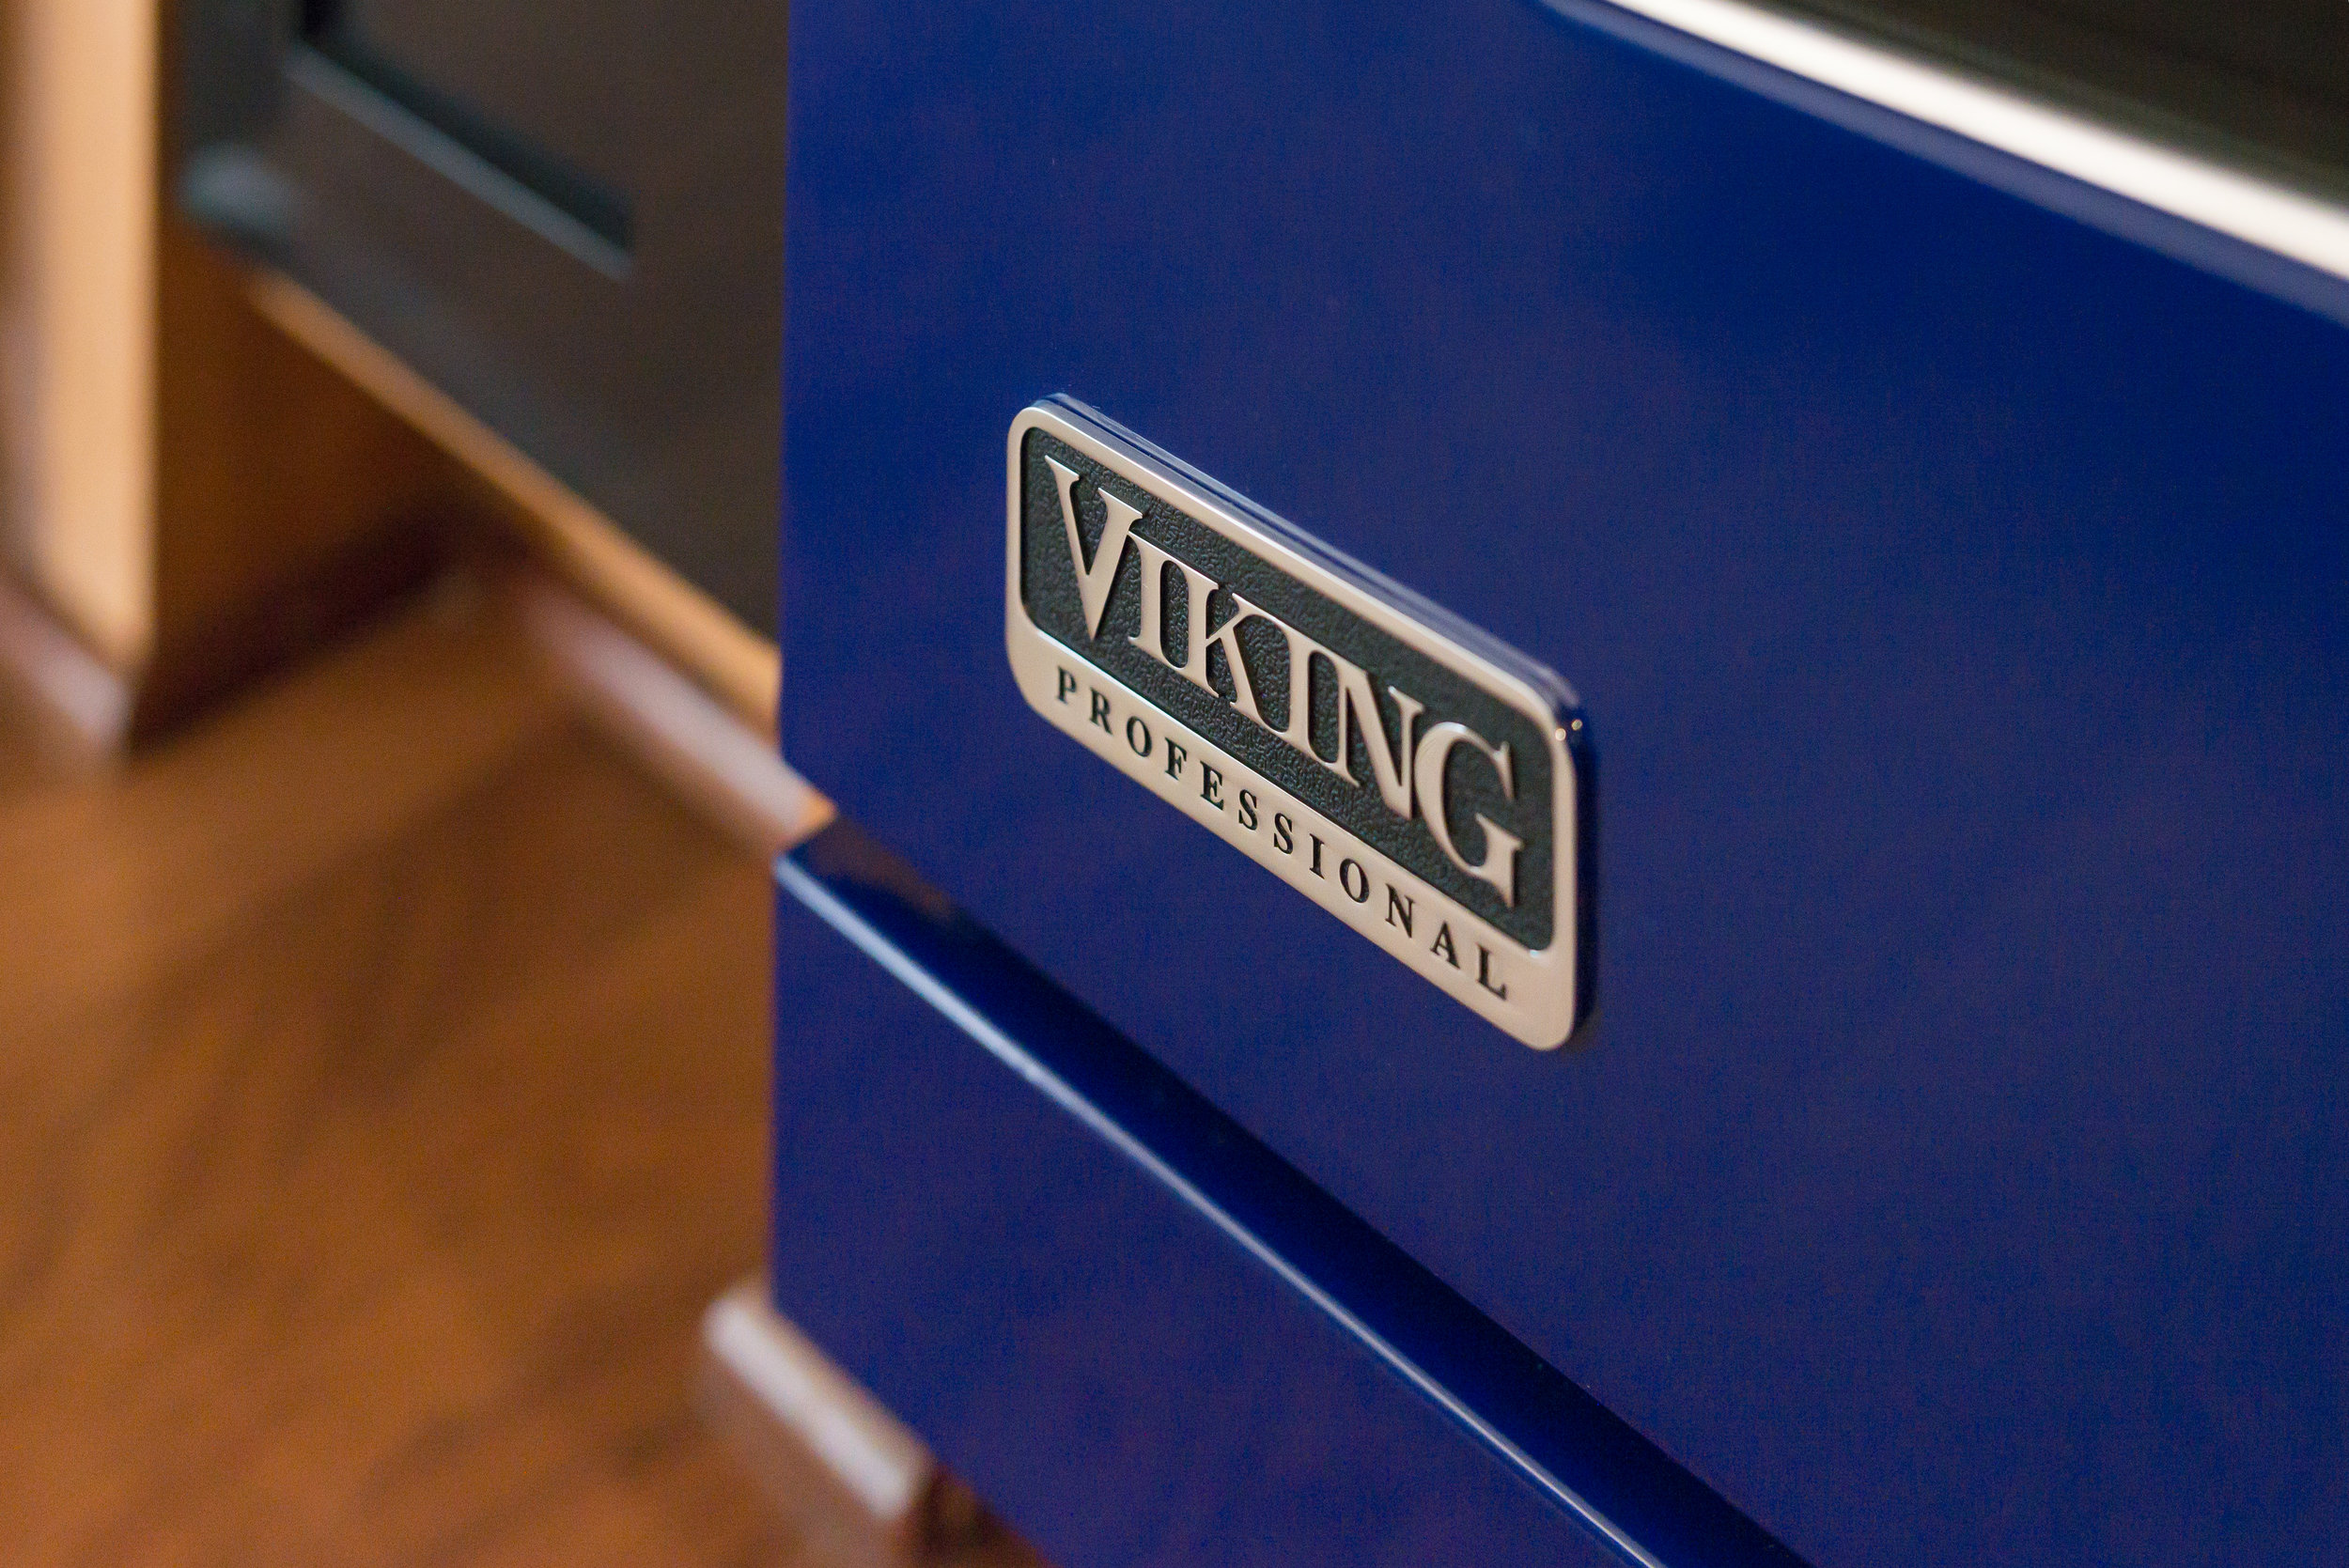 9 viking range.jpg